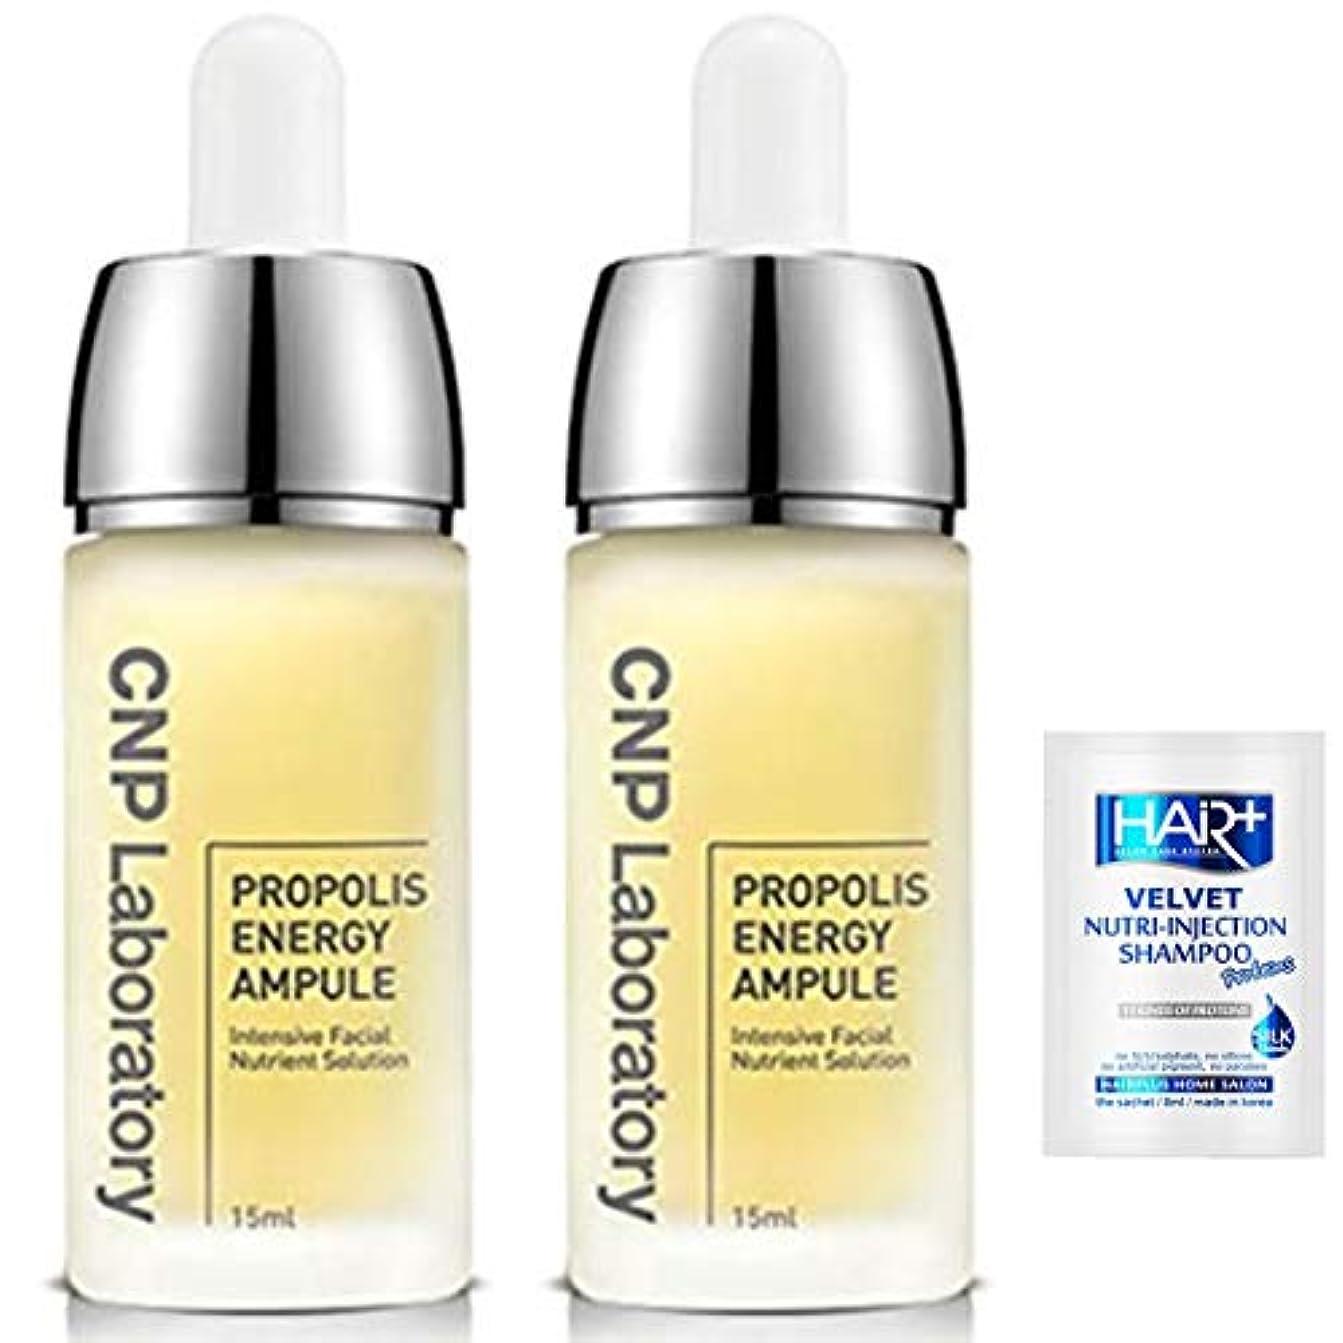 ディーラー記念虫を数える【CNP Laboratory】プロポリス エネルギーアンプル 15ml X 2EA+HairPlus NonSilicon Shampoo 8ml